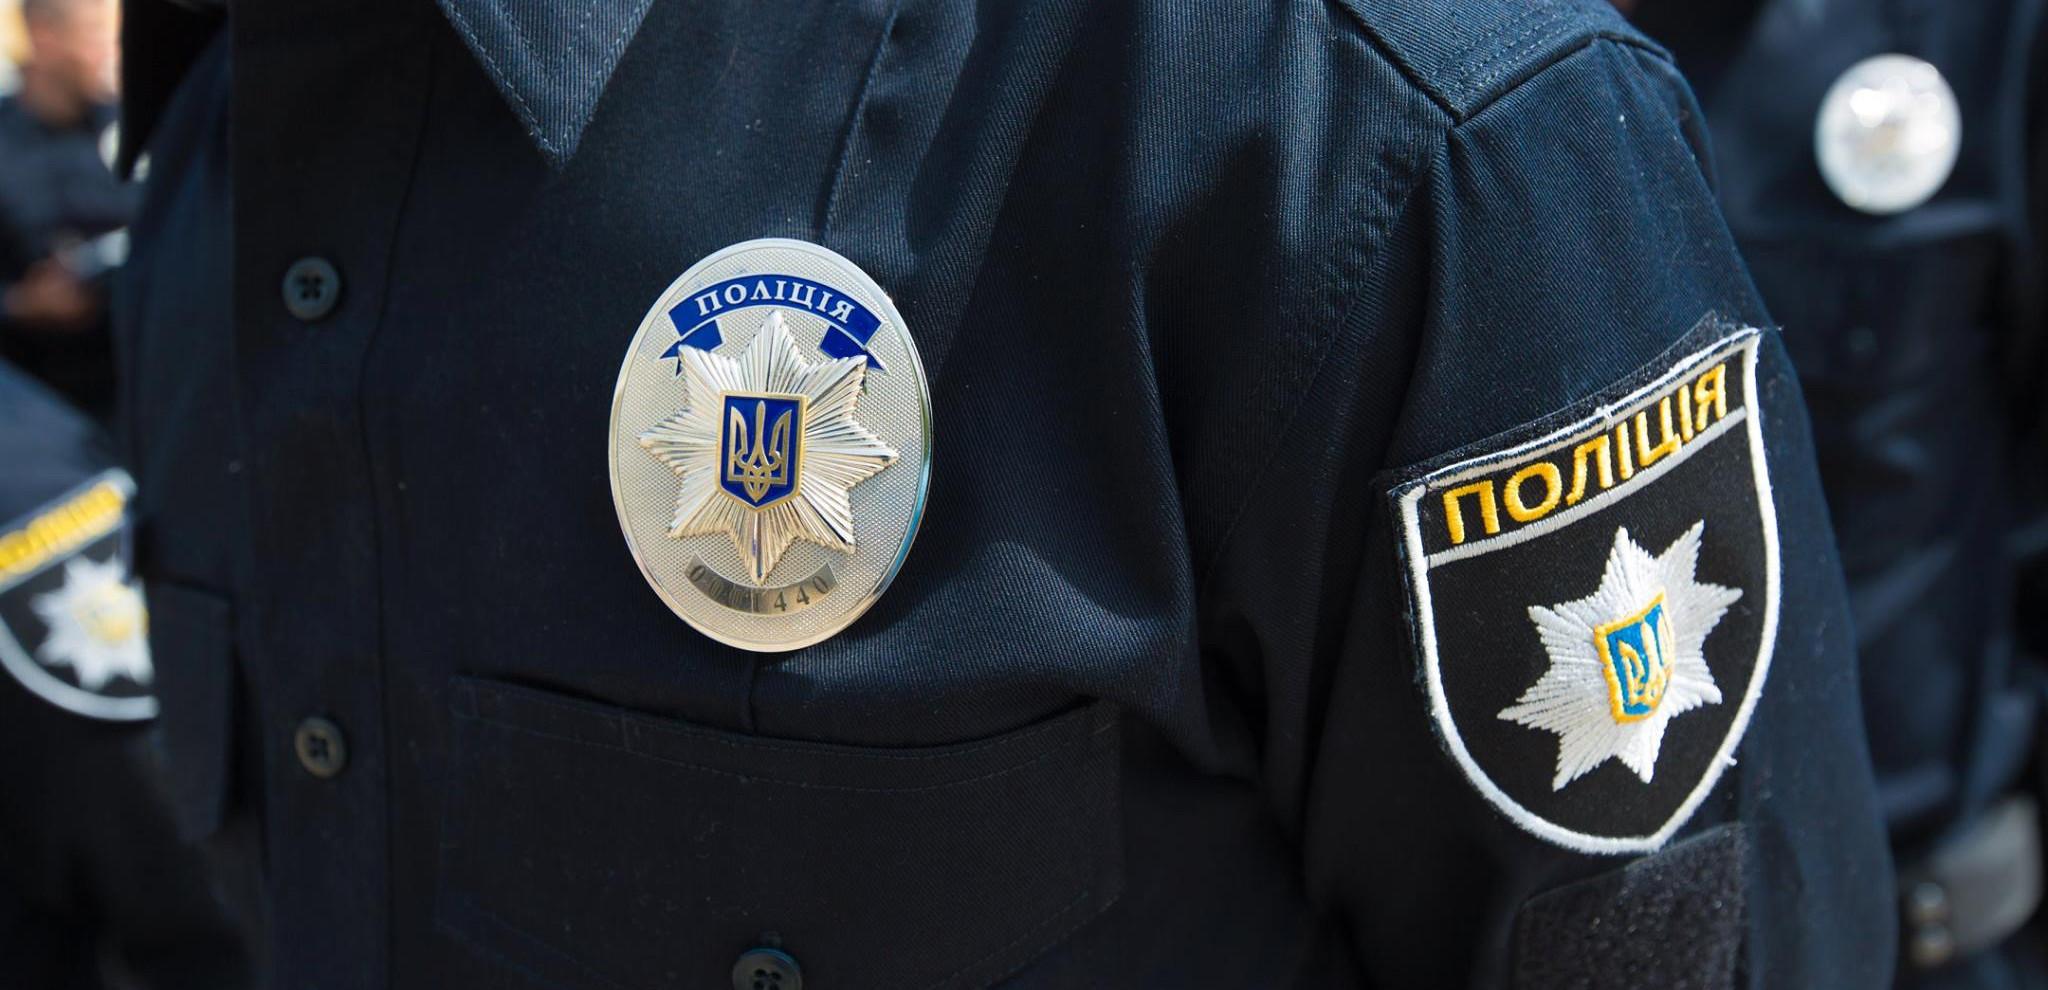 Вандалізм в Ужгороді: поліція розшукує причетних осіб